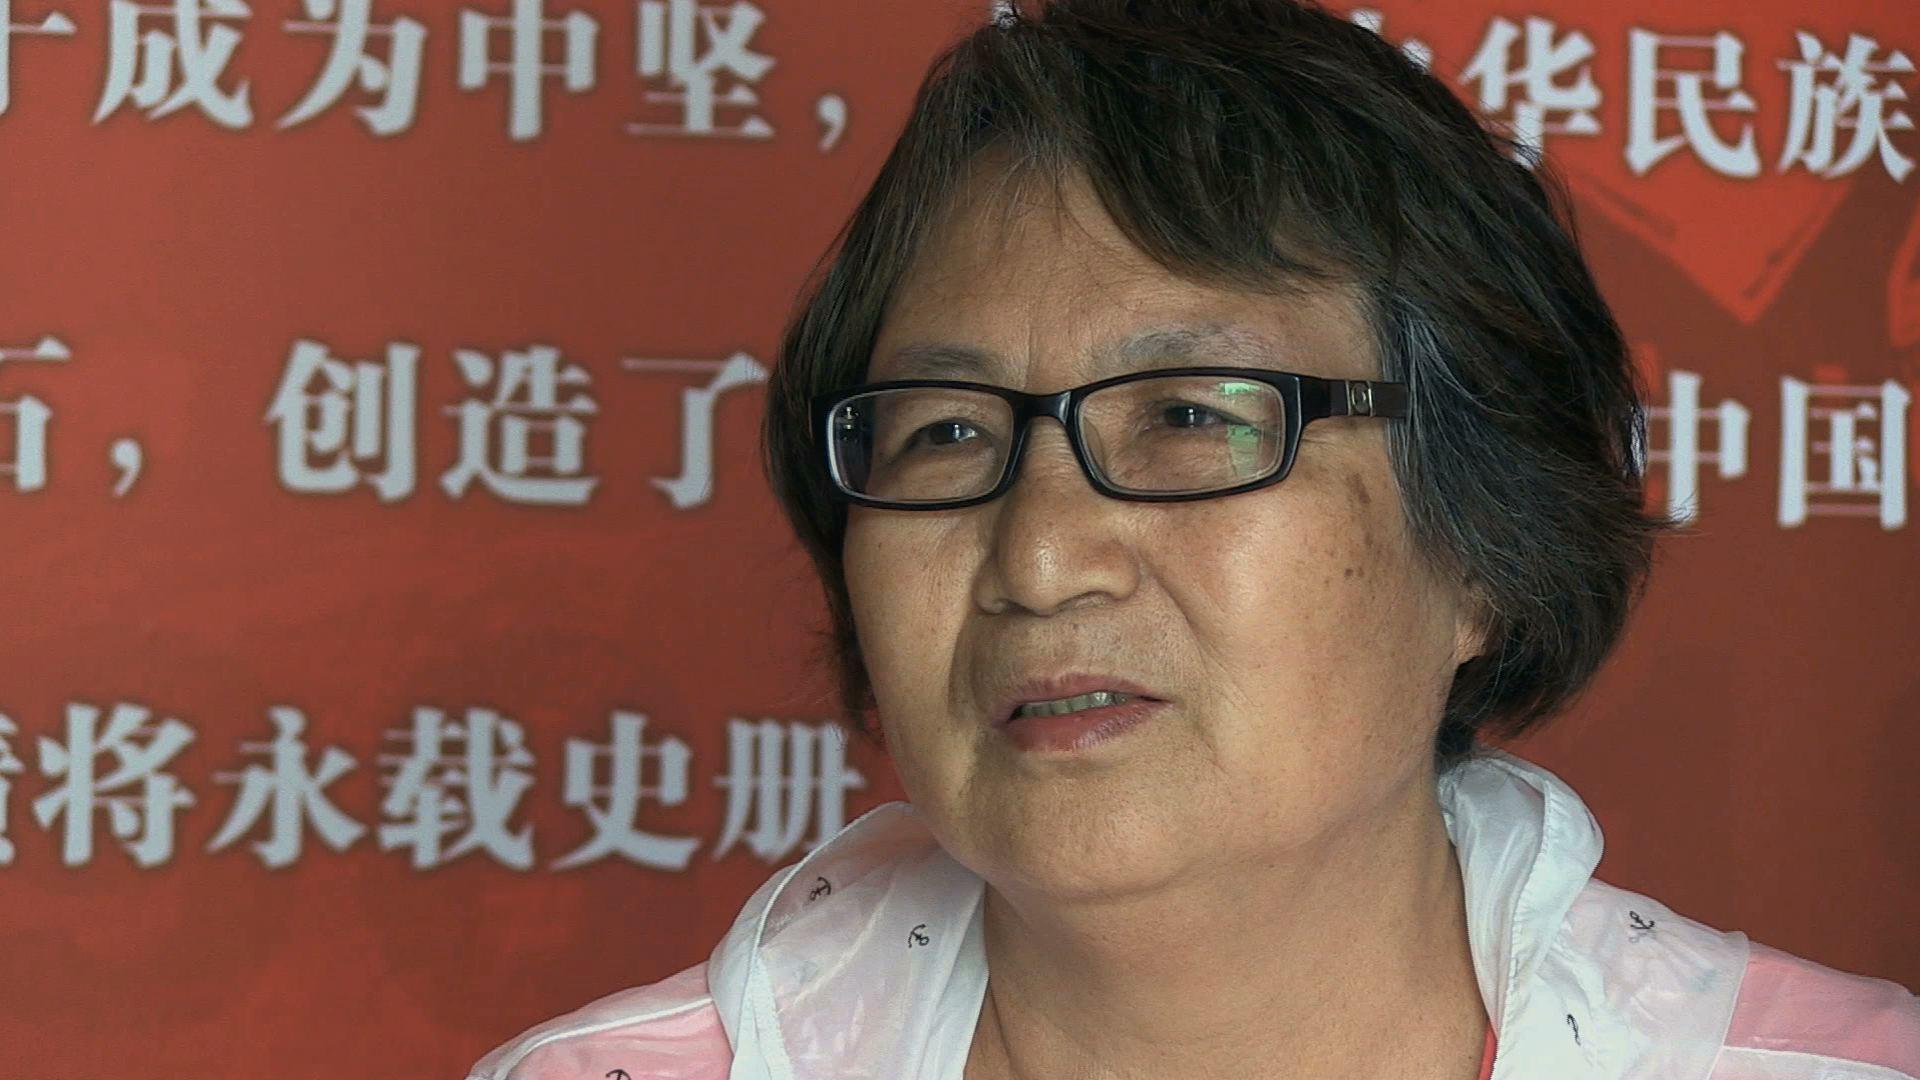 Zhiqing - De verloren generatie van China - De Volkskrant